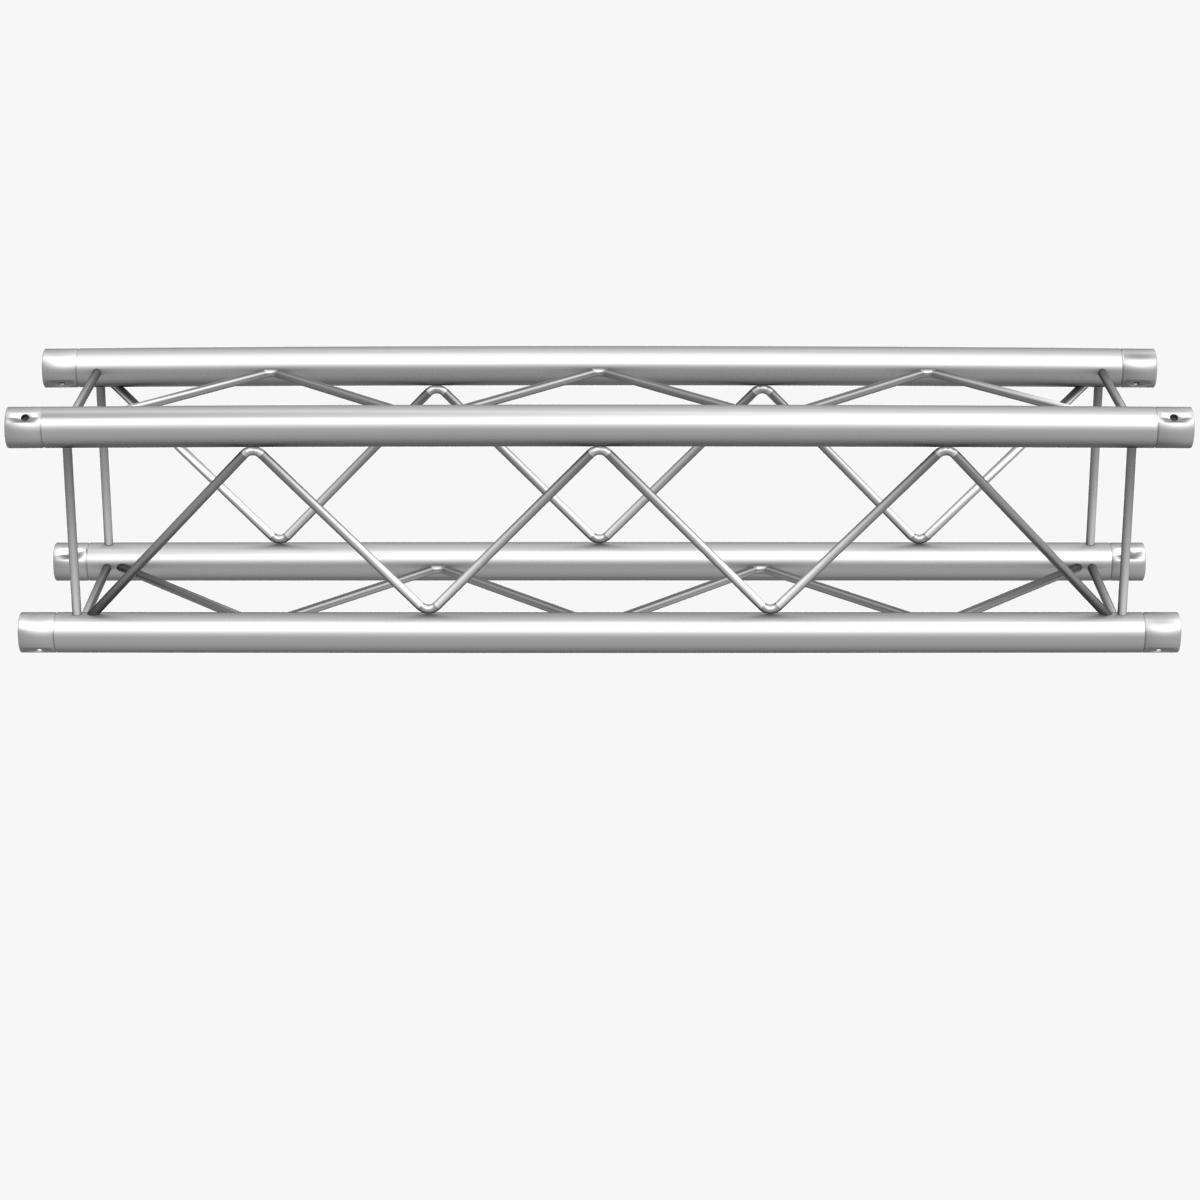 square light trusses (collection 50 modular) 3d model 3ds max dxf fbx c4d dae texture obj 216193